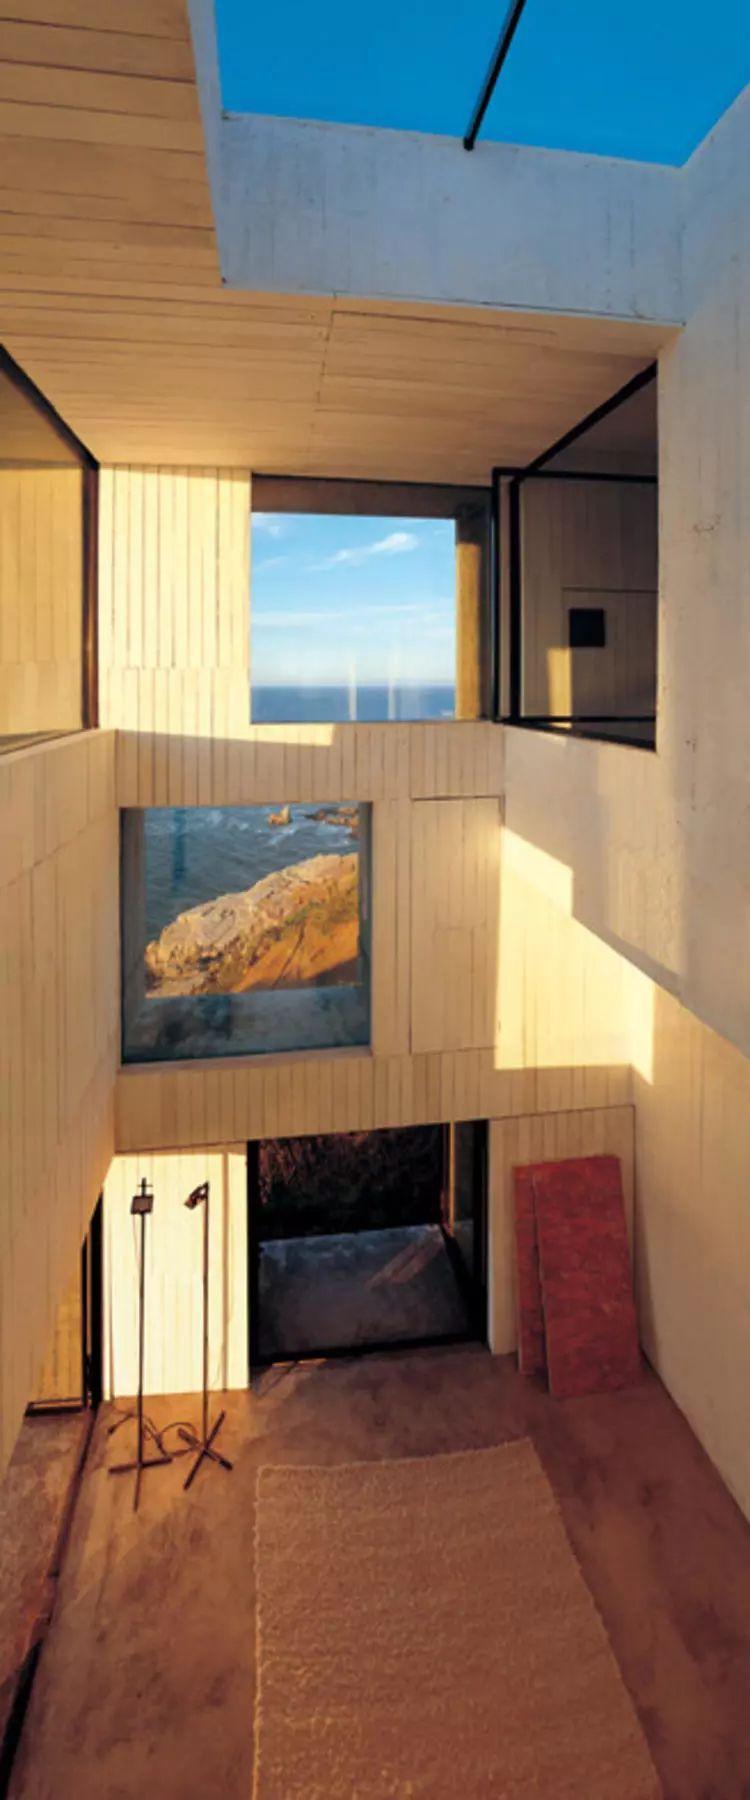 这个智利建筑事务所设计房子,几乎像是一场方形、圆形或其他元素_18